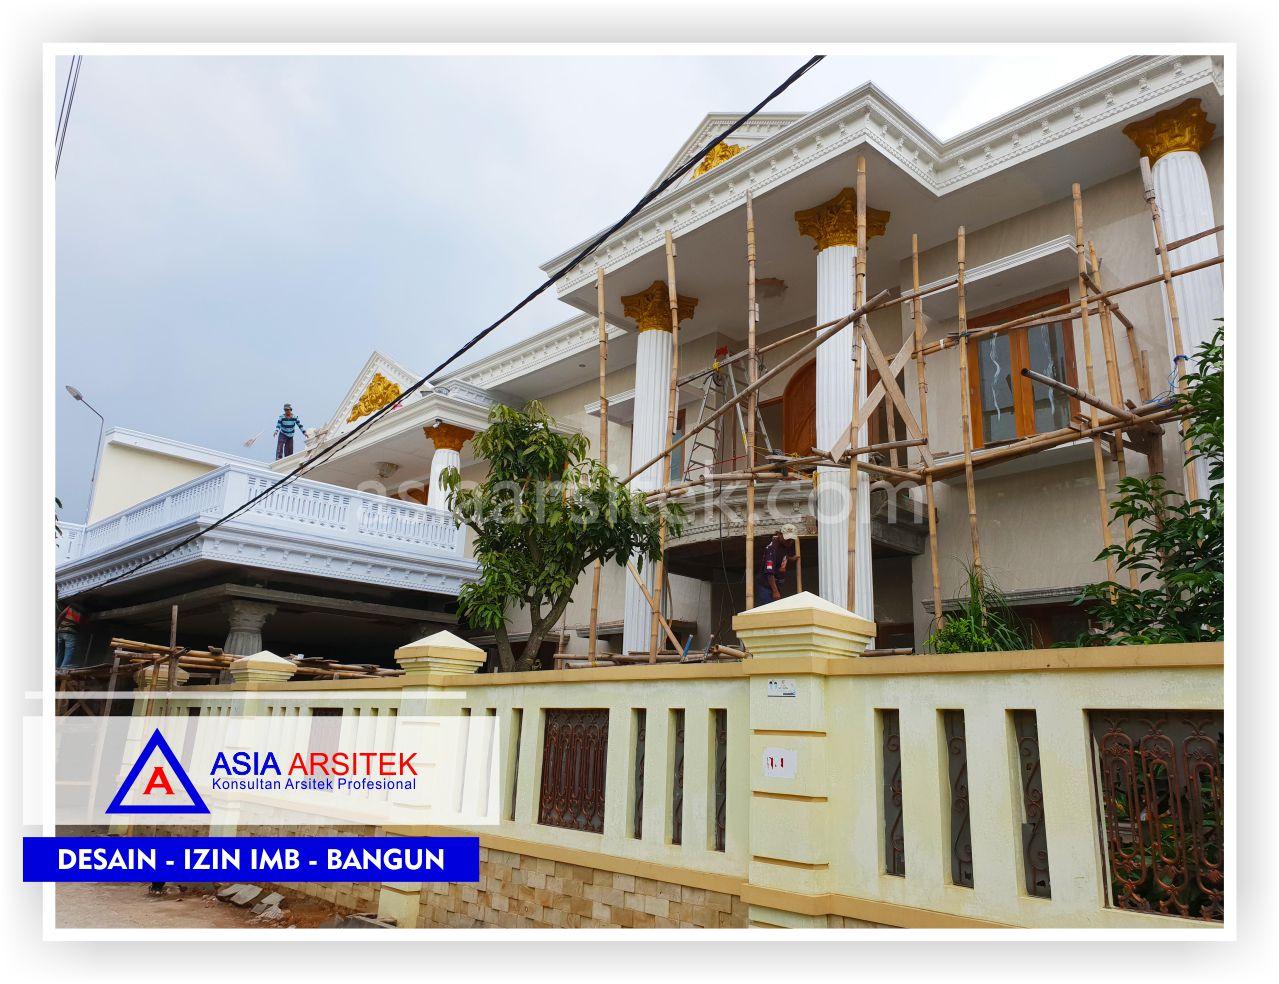 Area Fasad Rumah Klasik Mewah Bu Iis - Arsitek Desain Rumah Minimalis Modern Di Bandung-Tangerang-Bogor-Bekasi-Jakarta-Jasa Konsultan Desain Arsitek Profesional (2)